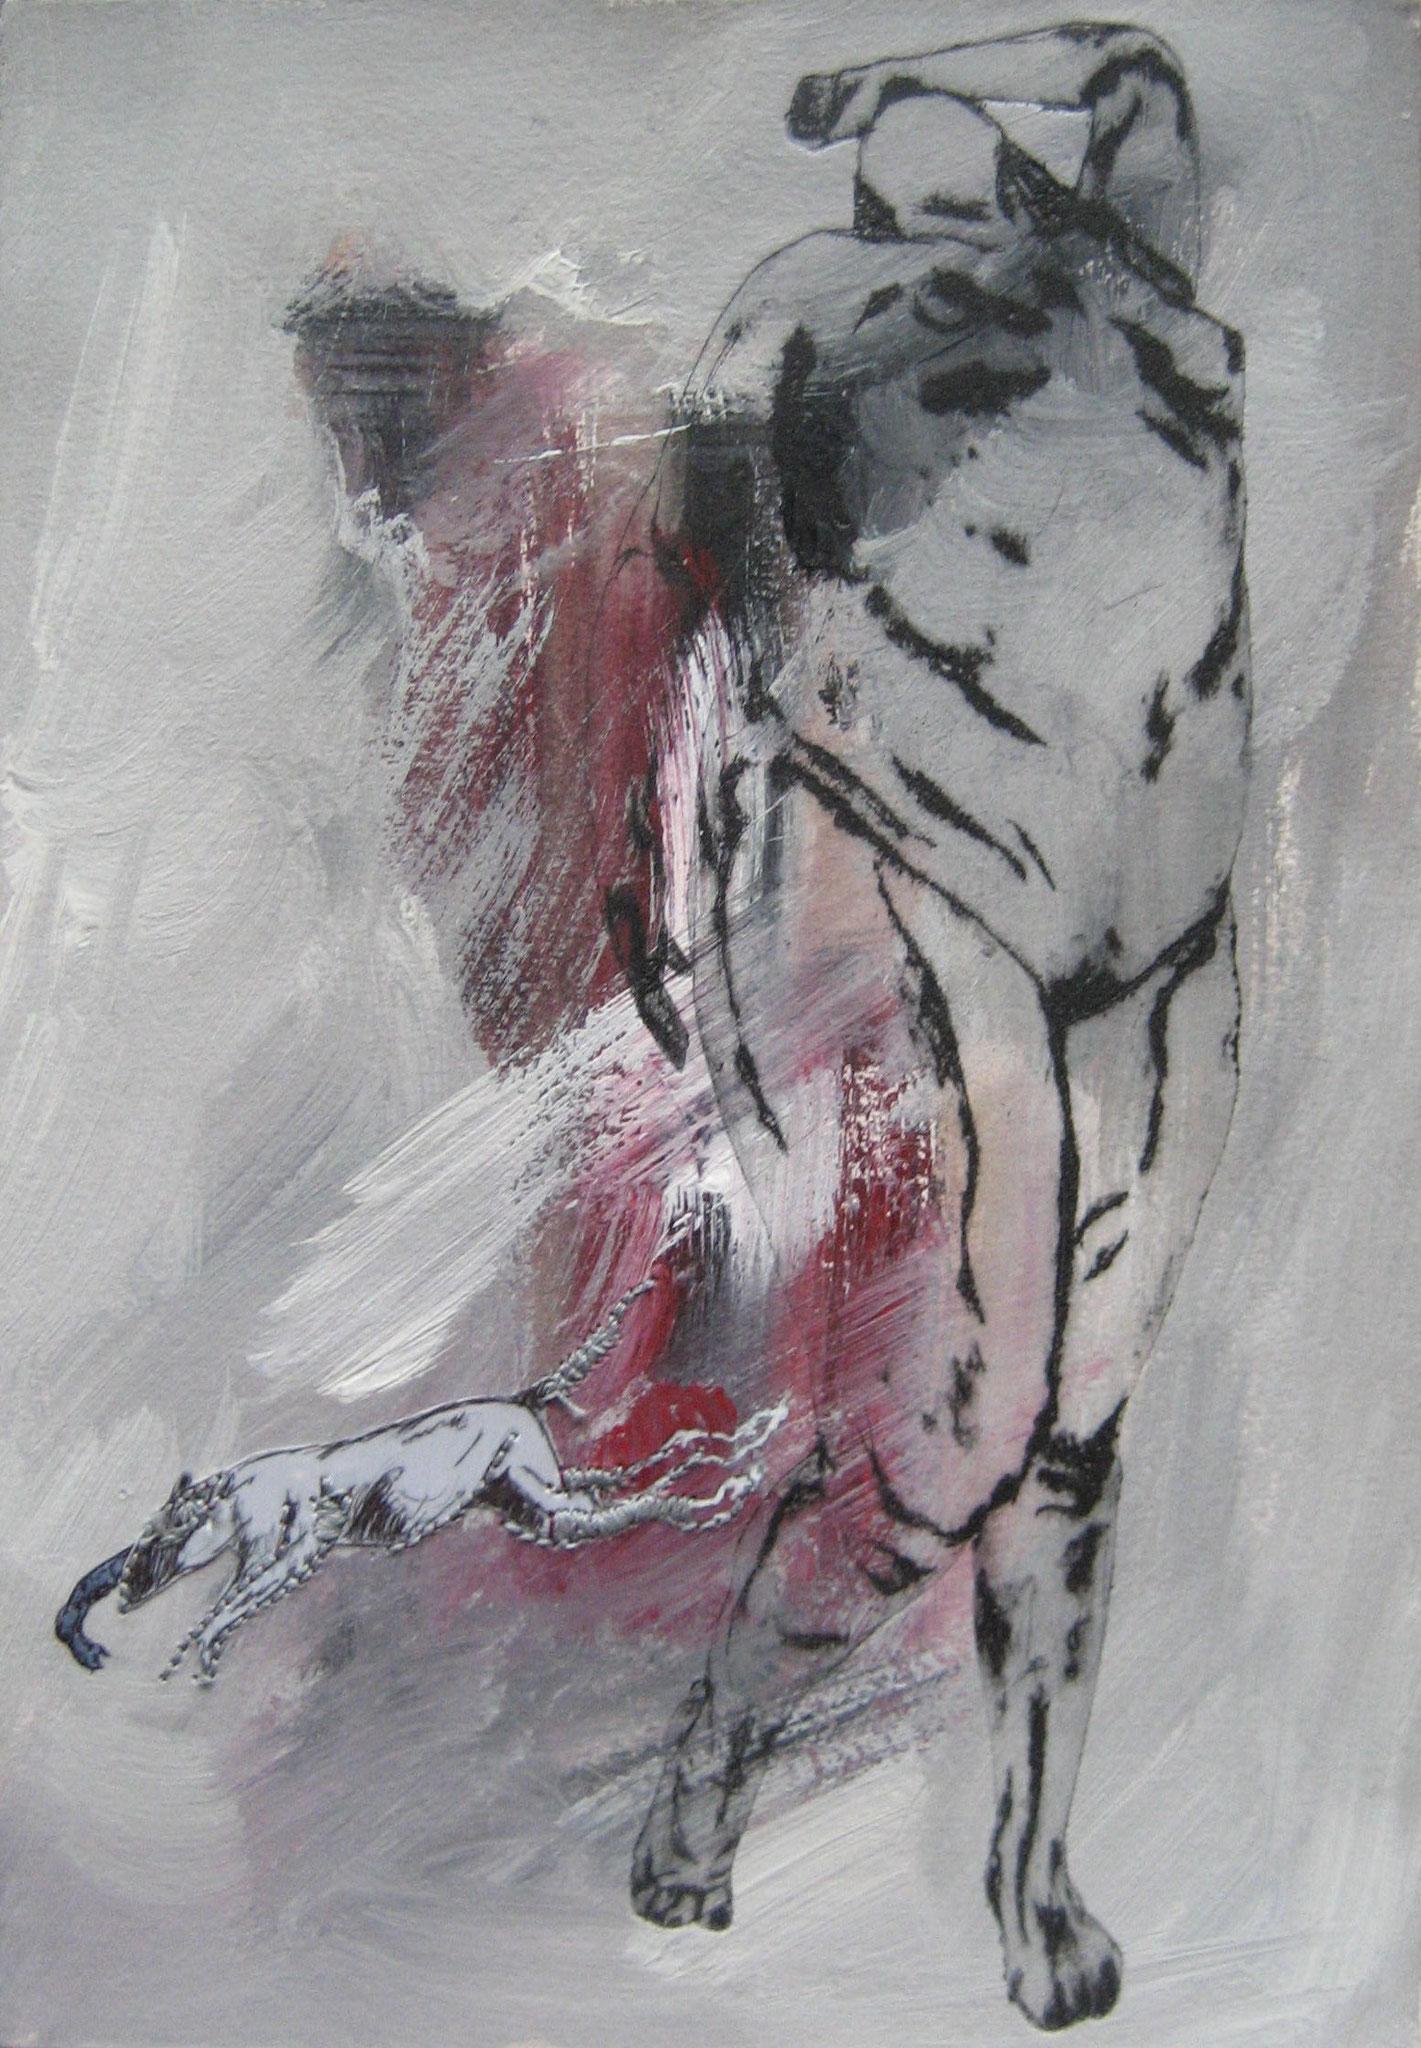 Sans titre - Pointe sèche et carborundum sur rhénalon, peinture acrylique, couture, calque et stylo - 2013